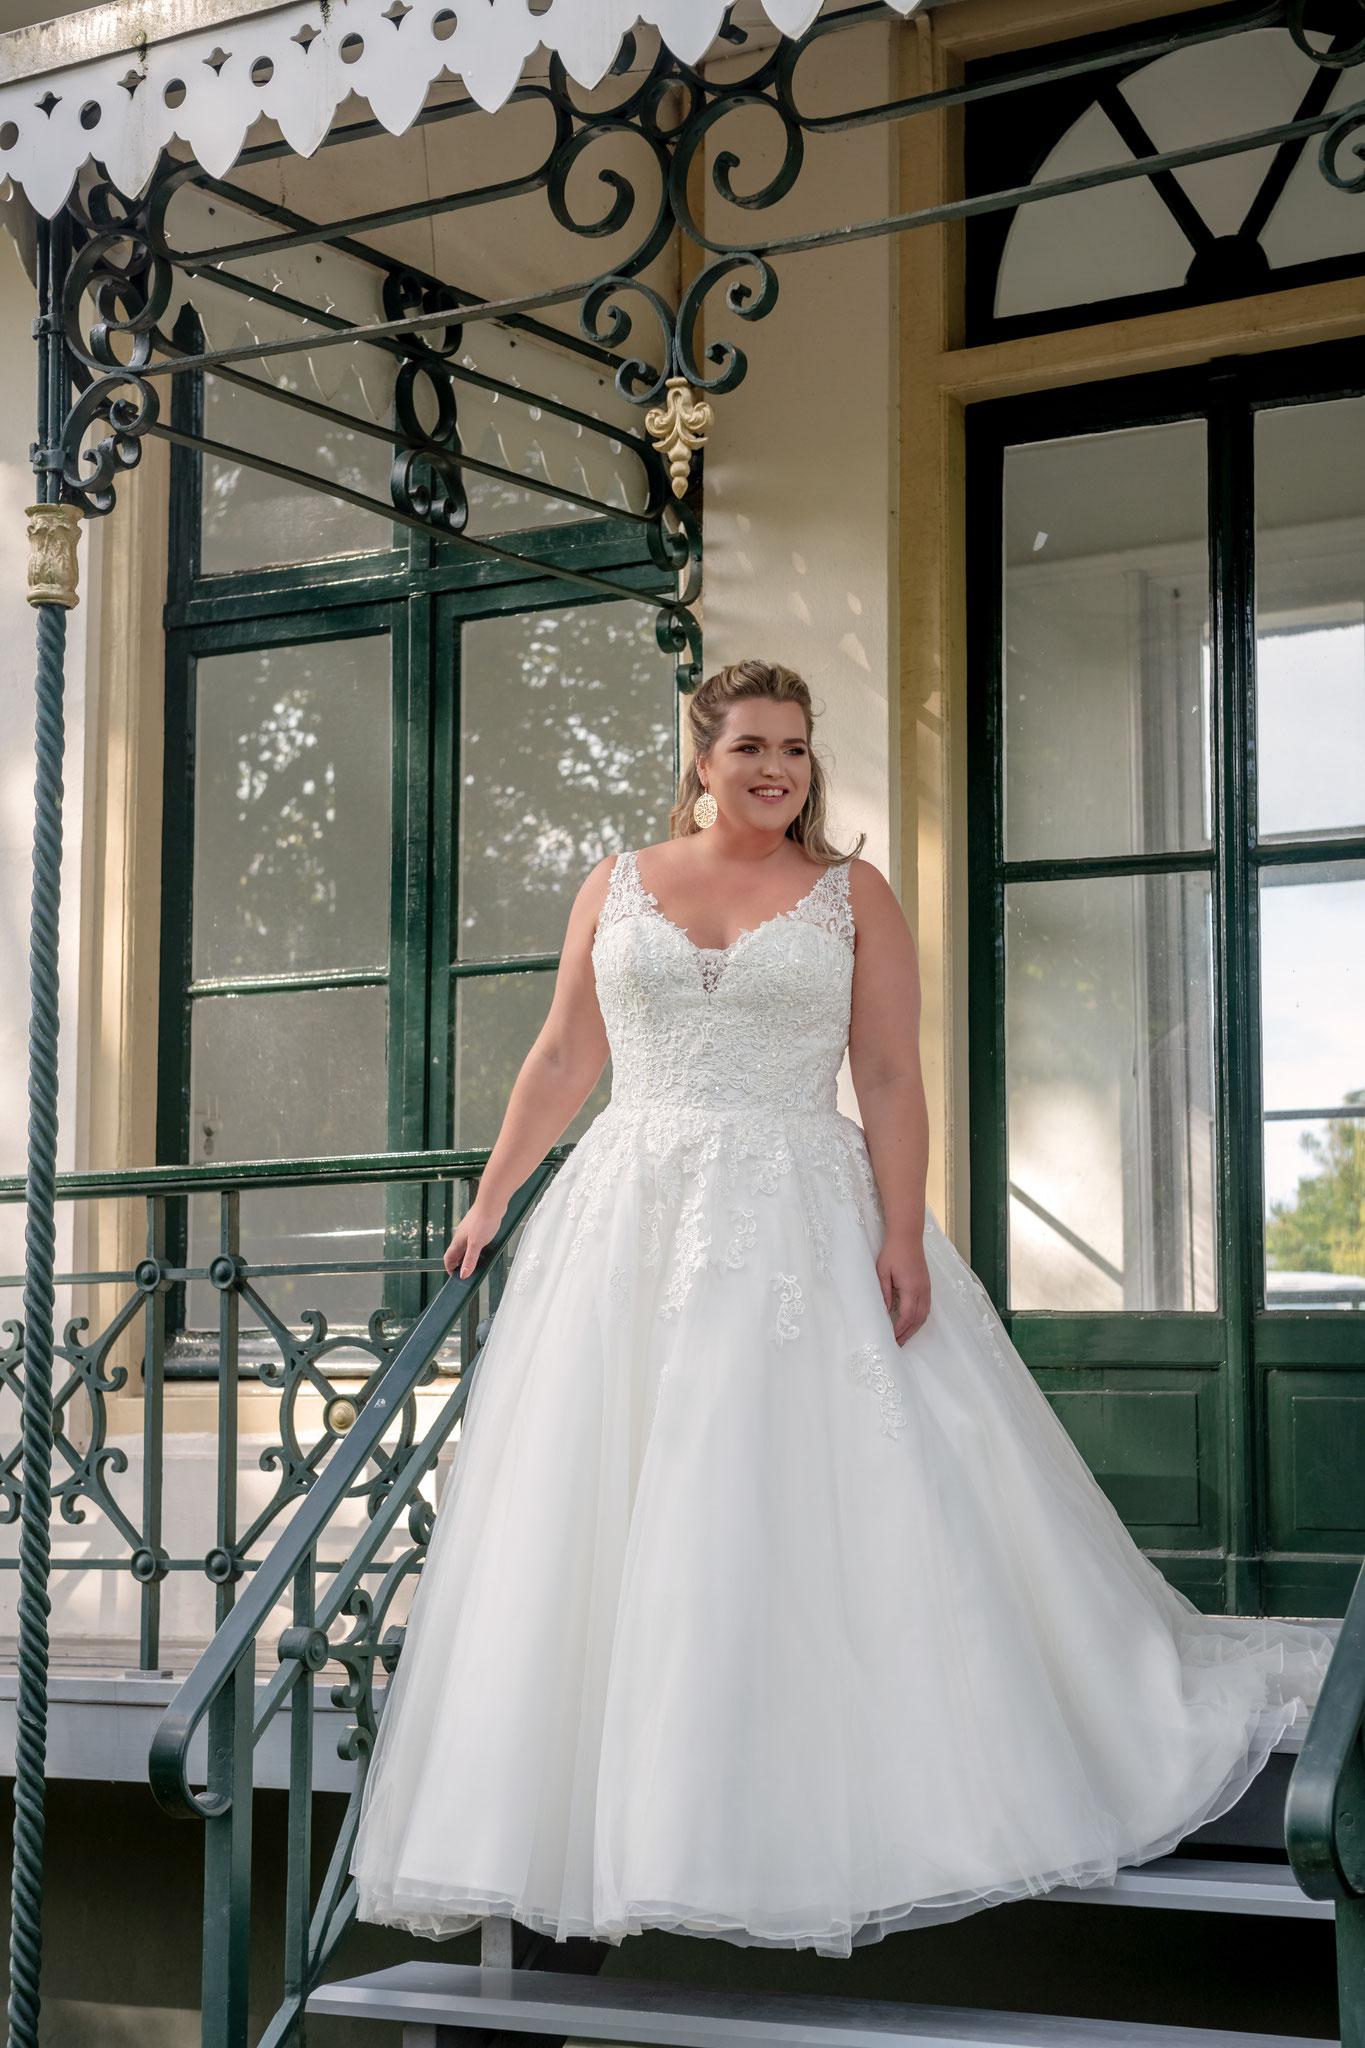 V Ausschnitt Träger Spitze Verlauf A linie Prinzessin Bridal Star Tüll Brautkleid München klassisch ivory